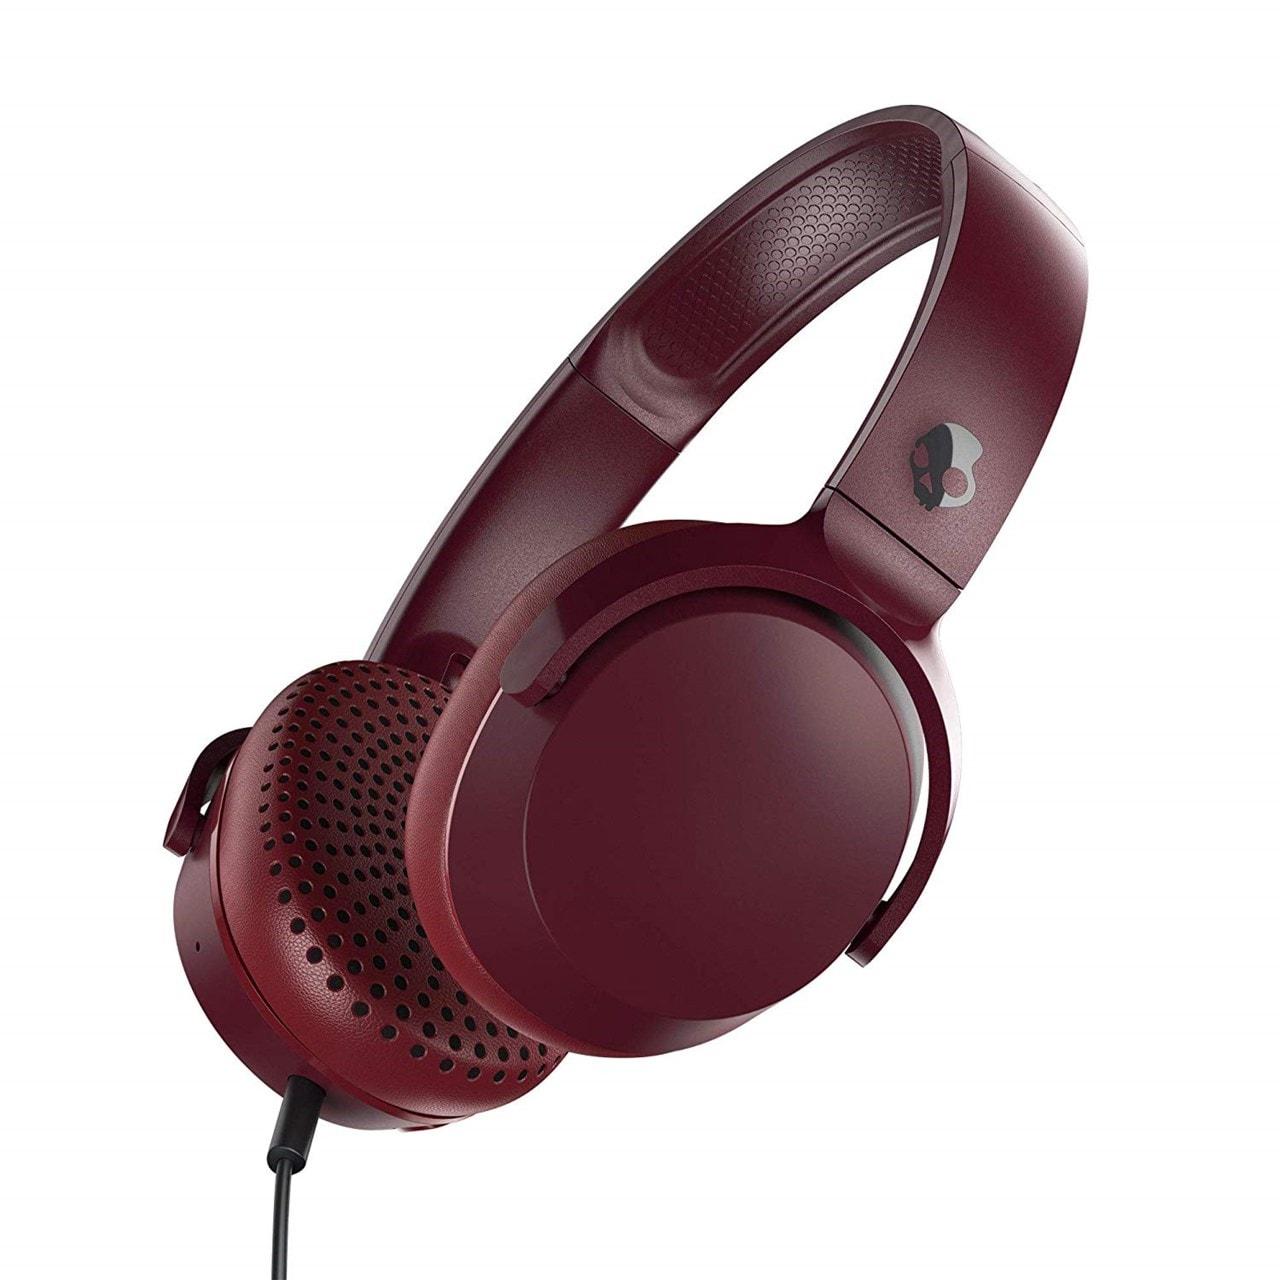 Skullcandy Riff Moab Red Headphones - 1